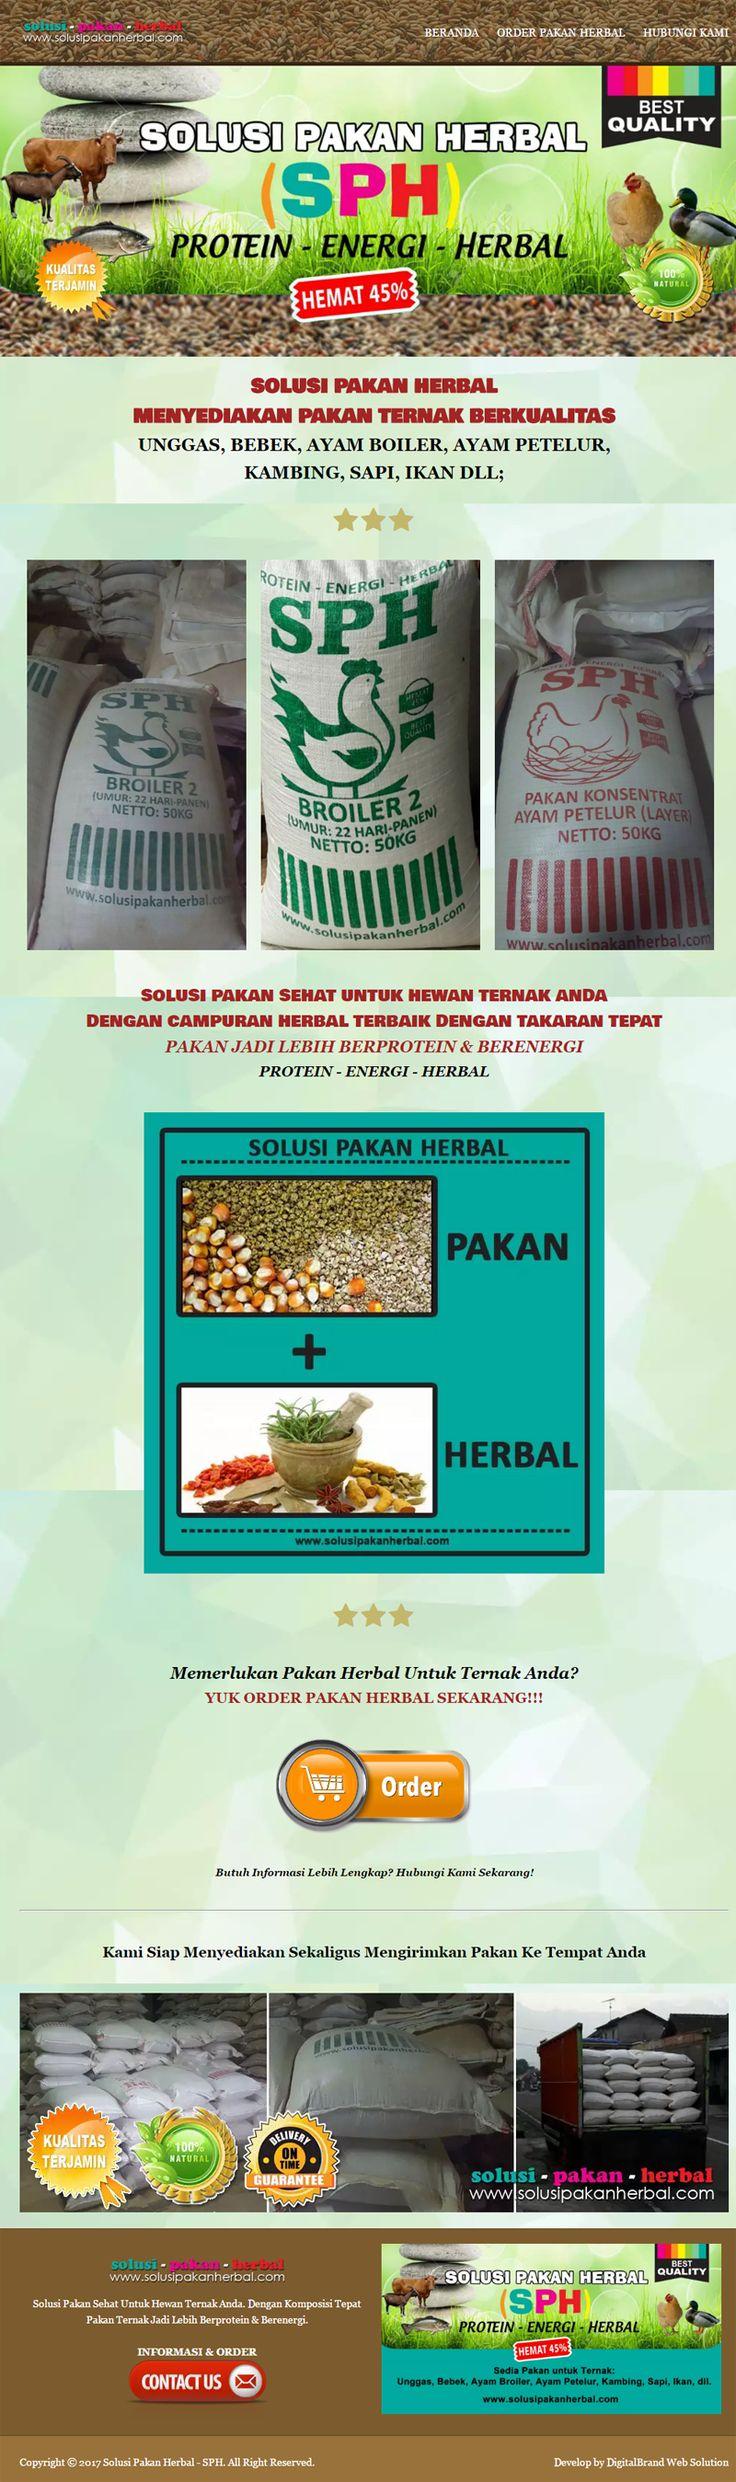 Solusi Pakan Herbal SPH. Website promosi atau landing page yang didesain profesional untuk mempromosikan produk pakan.